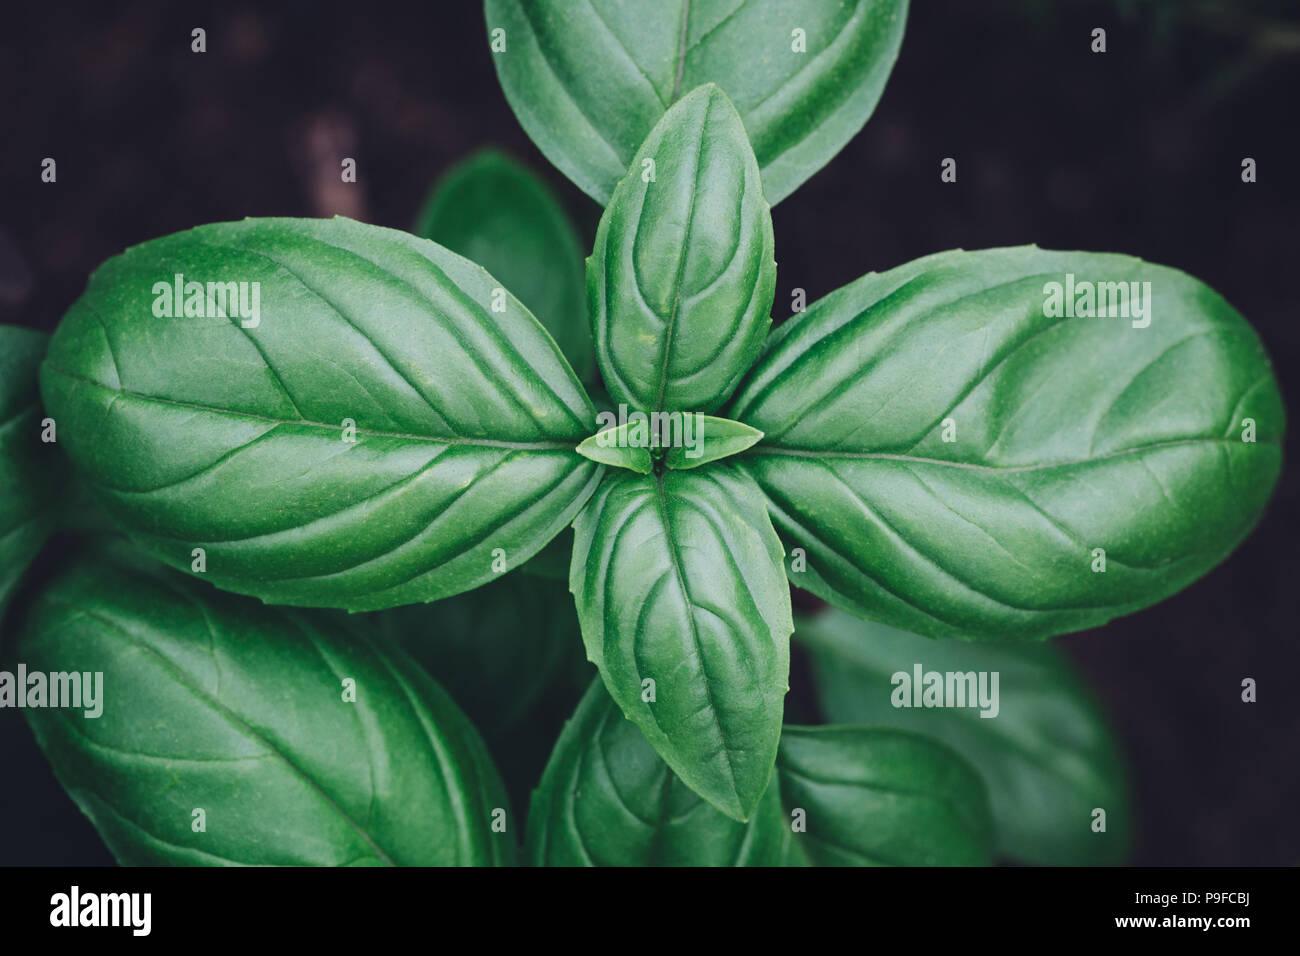 Albahaca planta cerrar vista desde arriba Foto de stock